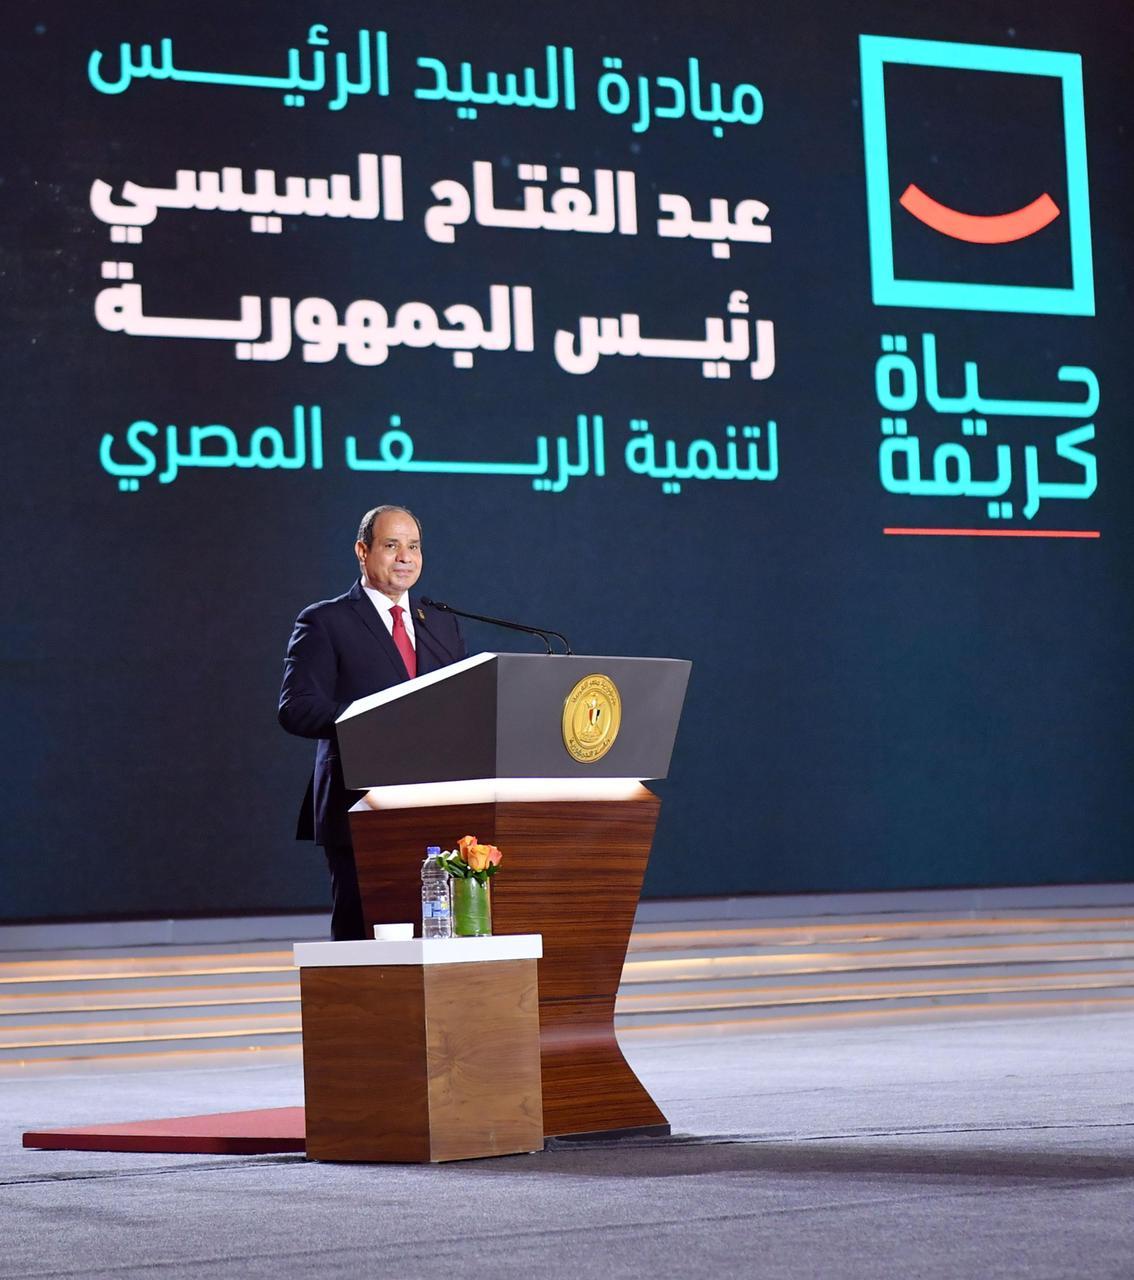 نص كلمة الرئيس السيسي خلال المؤتمر الأول للمشروع القومي «حياة كريمة»